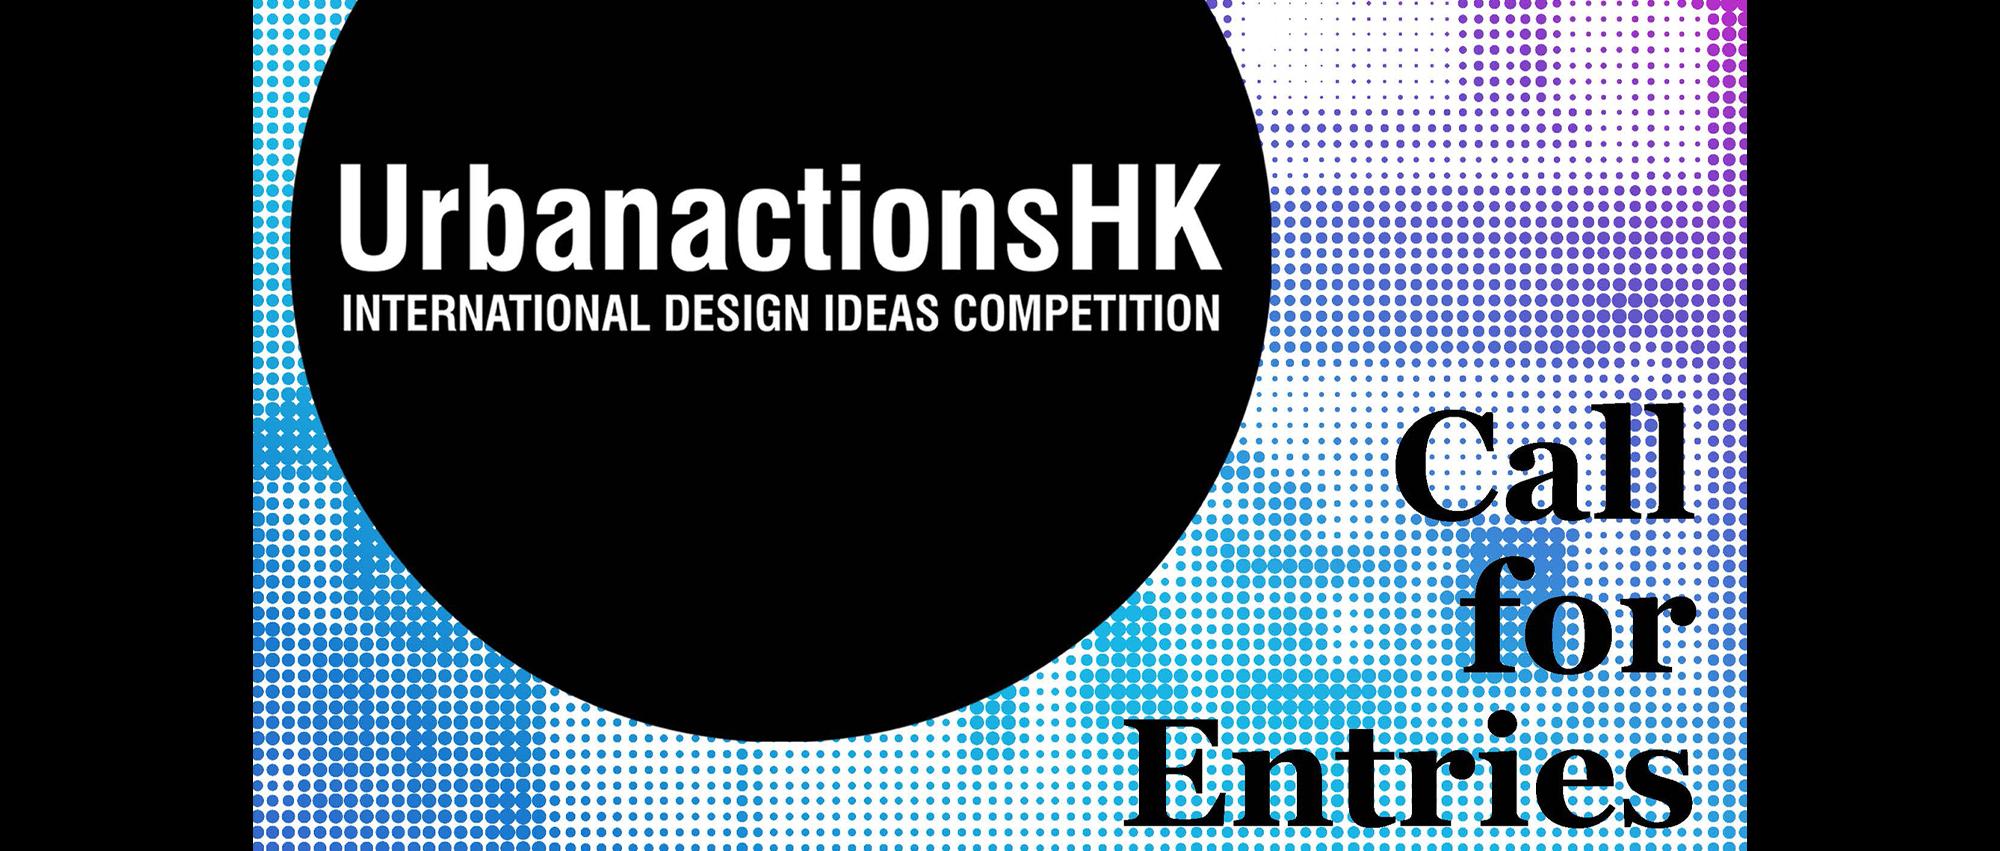 UrbanactionsHK:香港公共空间国际设计竞赛